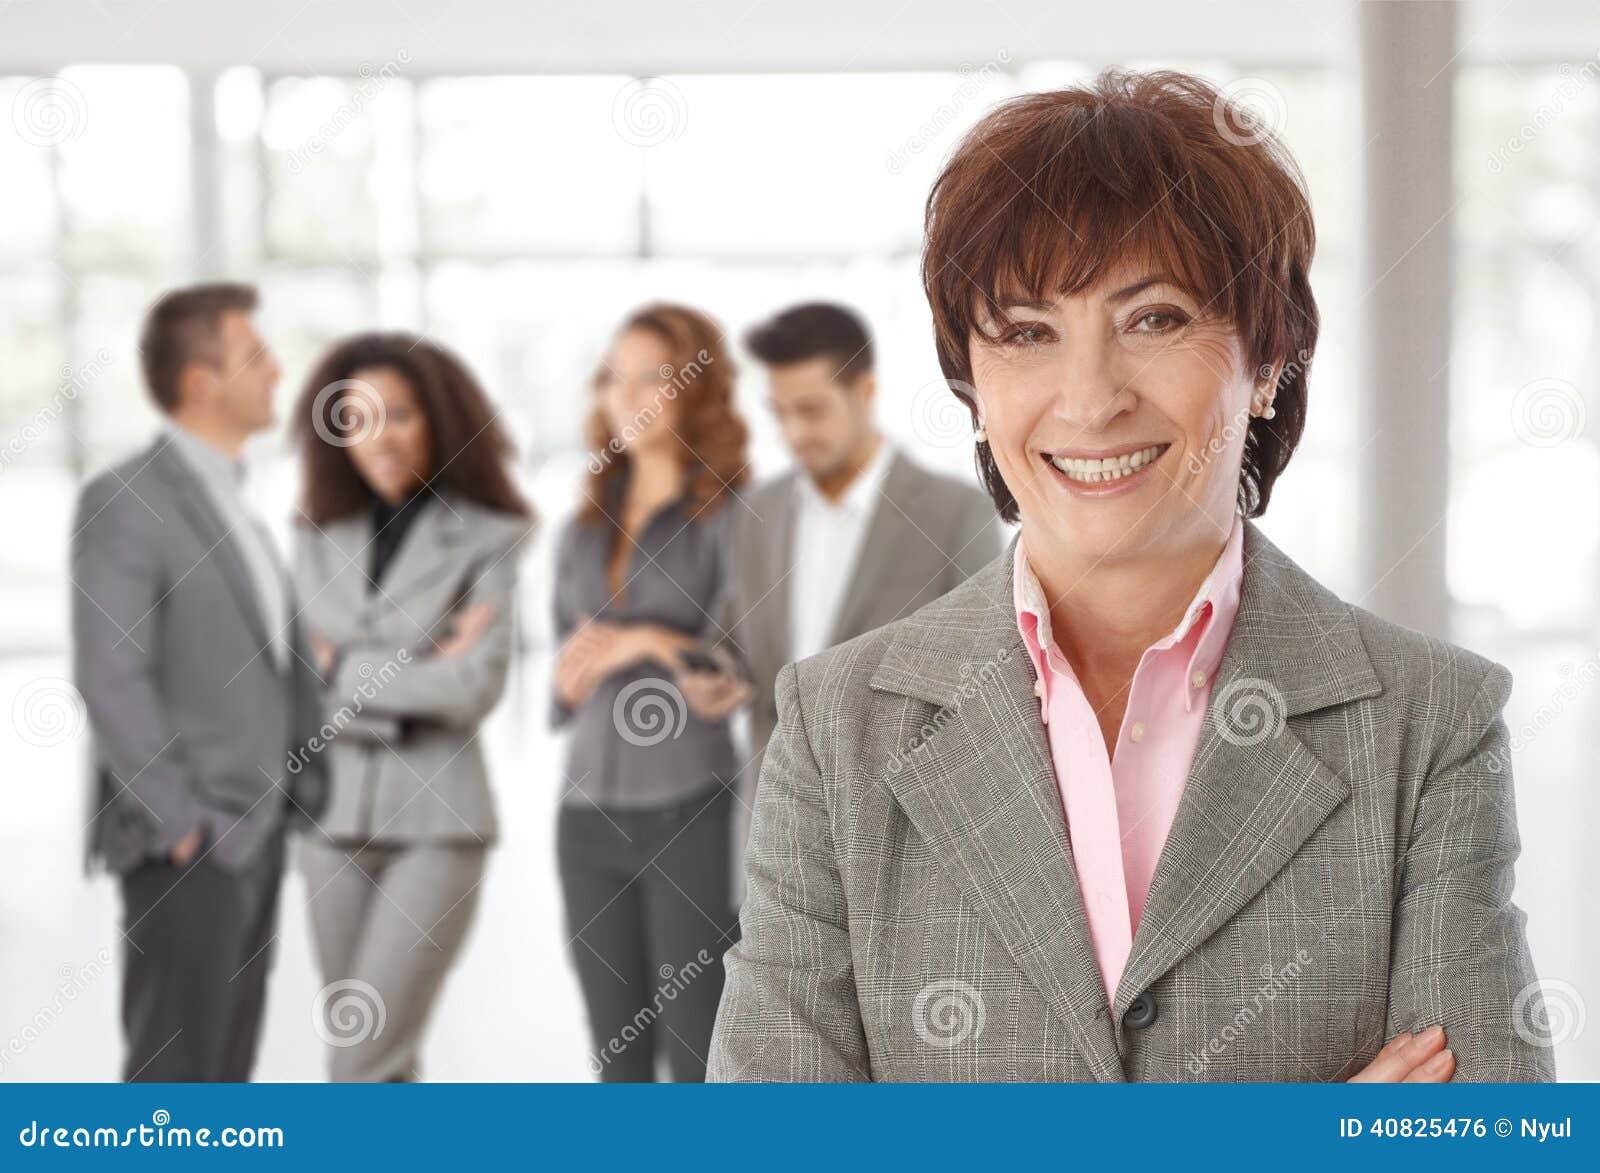 femme d 39 affaires d 39 une cinquantaine d 39 ann es devant des coll gues photo stock image 40825476. Black Bedroom Furniture Sets. Home Design Ideas